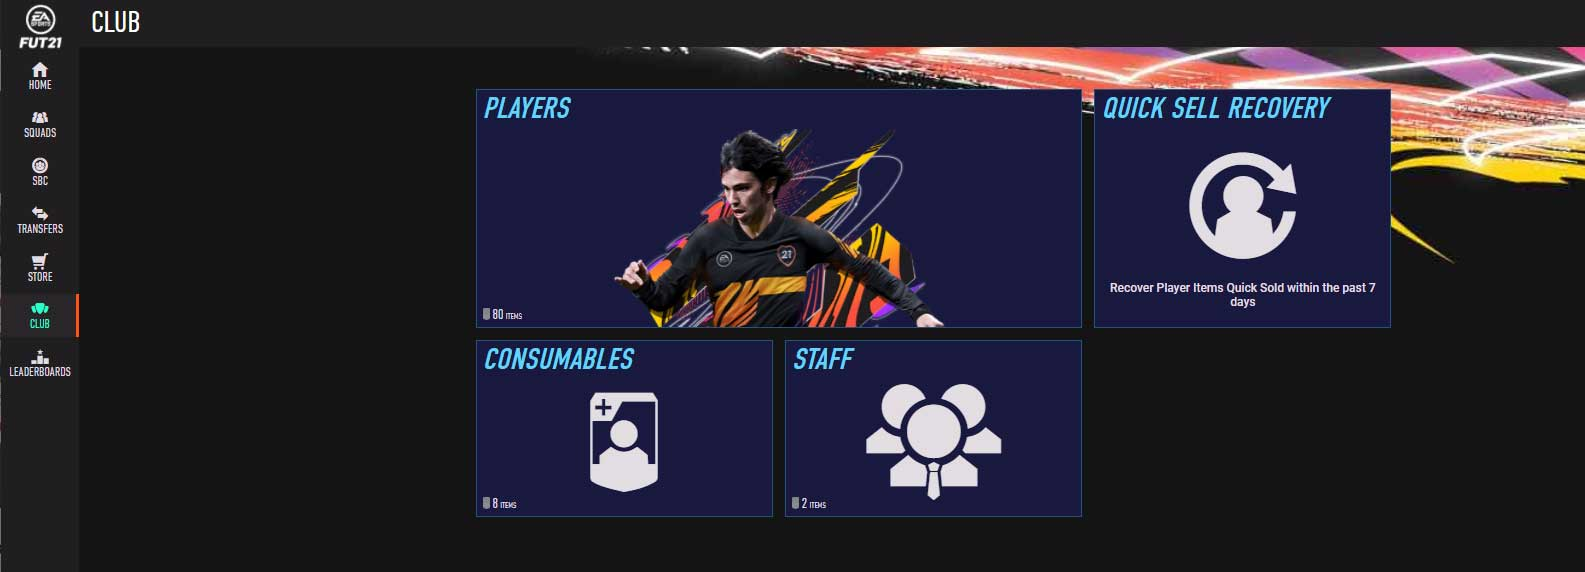 FIFA 21 Web App